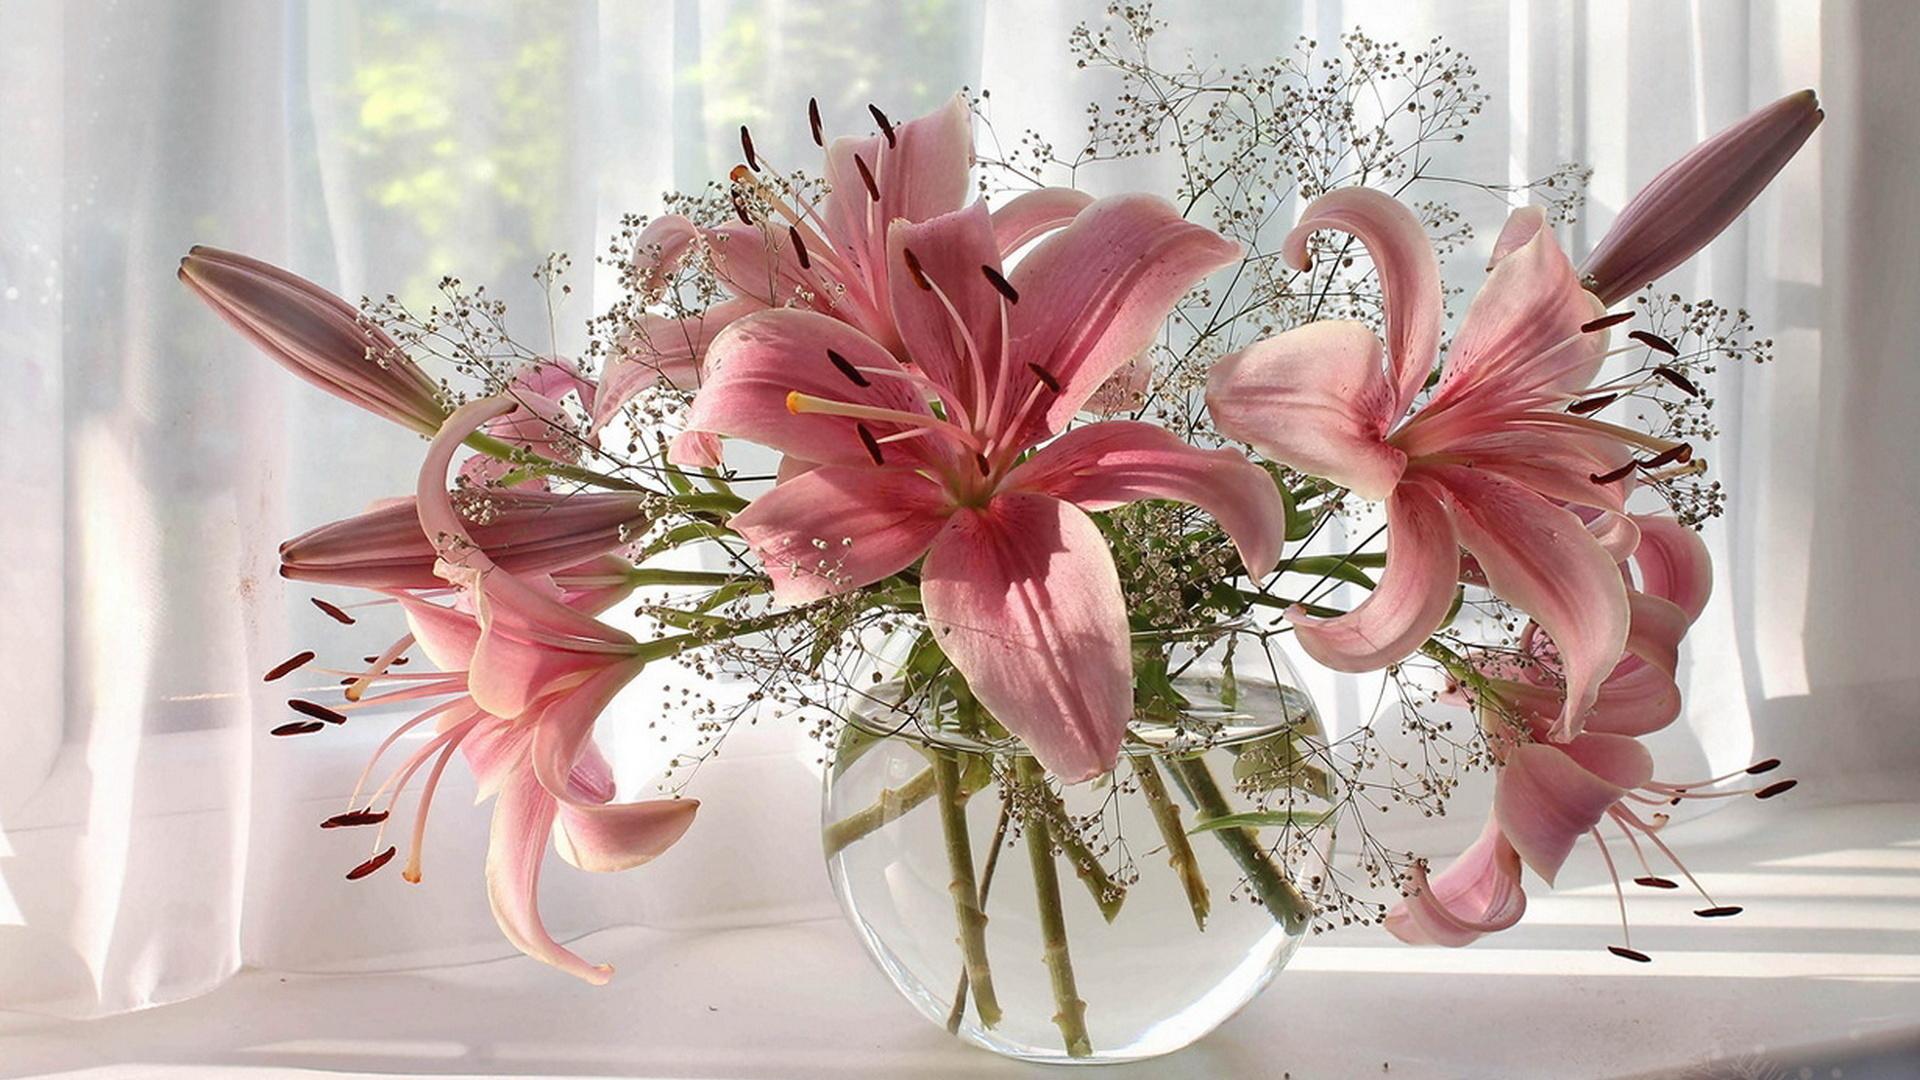 если картинки с пожеланиями лилиями можно купить оптом